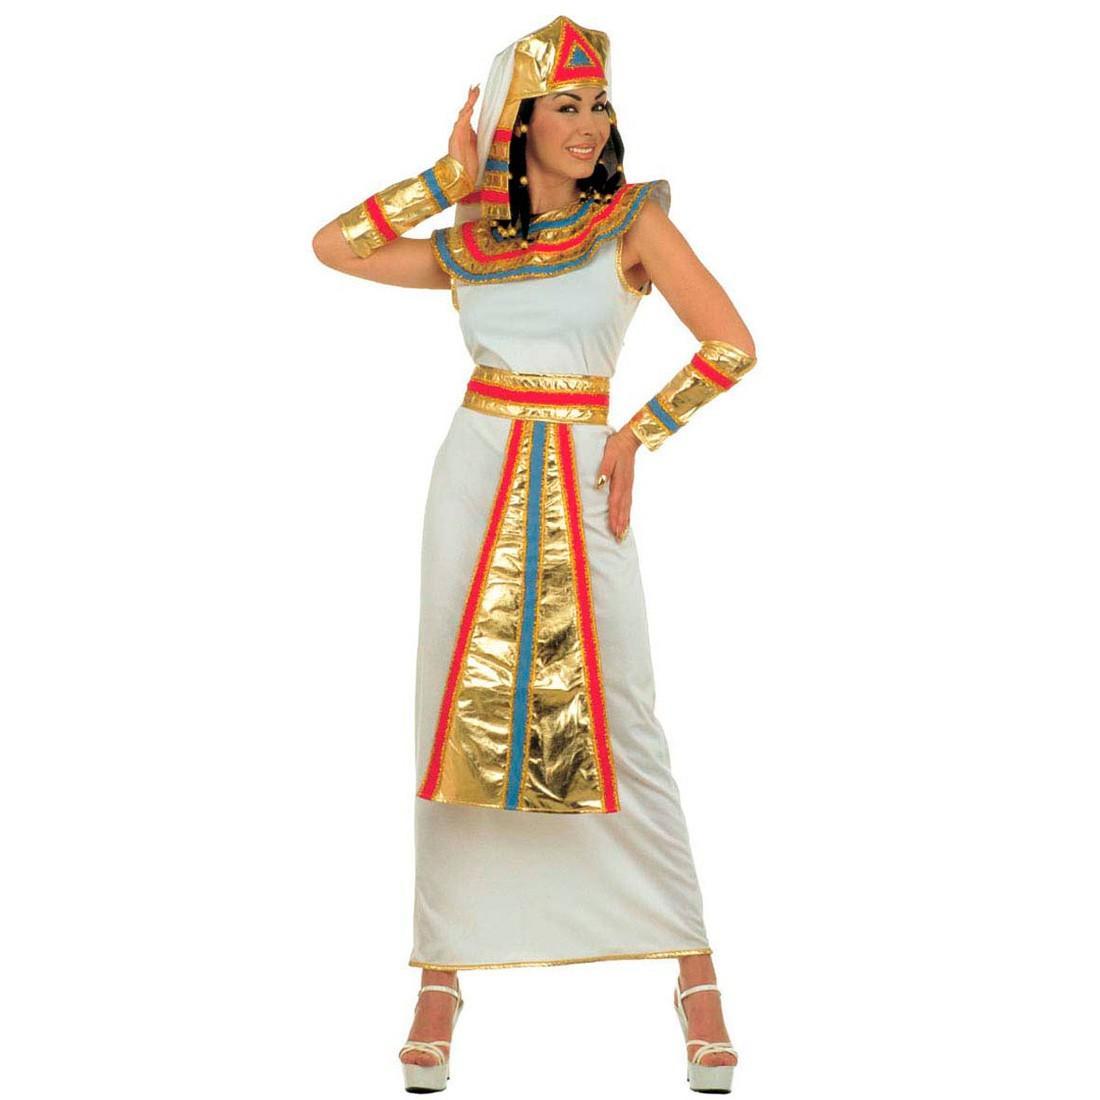 kleopatra kost m gypten cleopatra gr m 38 40 29 99. Black Bedroom Furniture Sets. Home Design Ideas